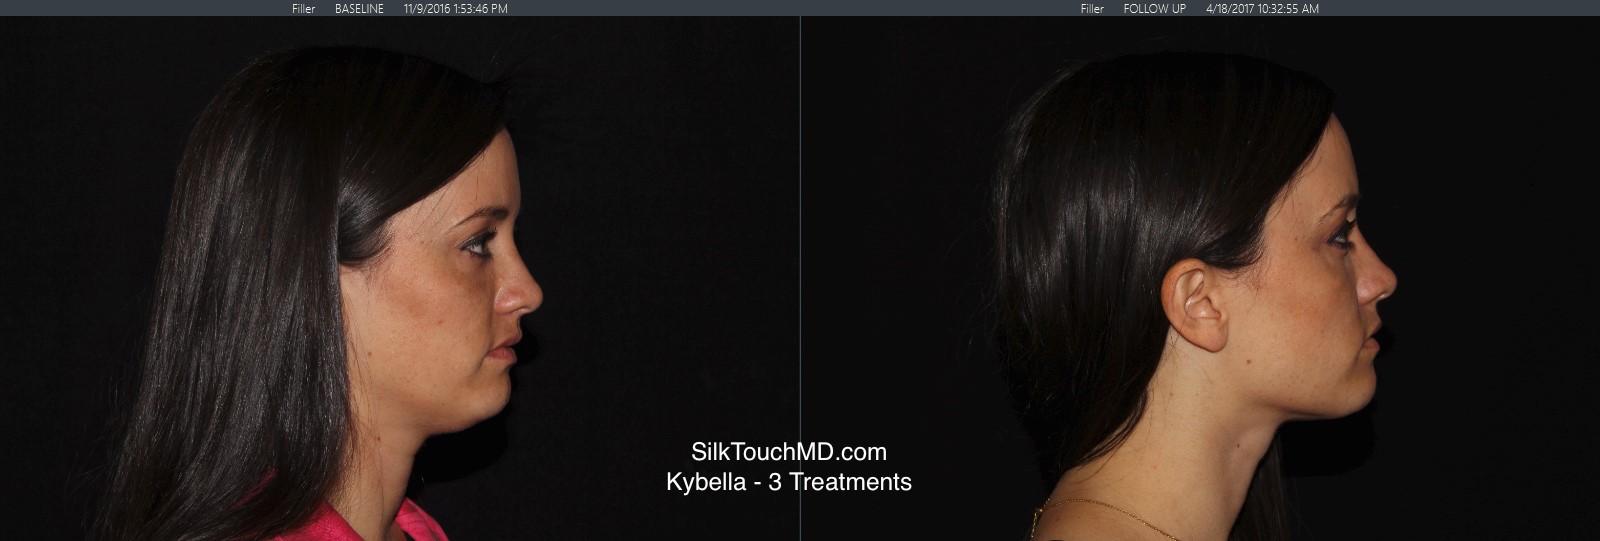 Kybella2.jpg